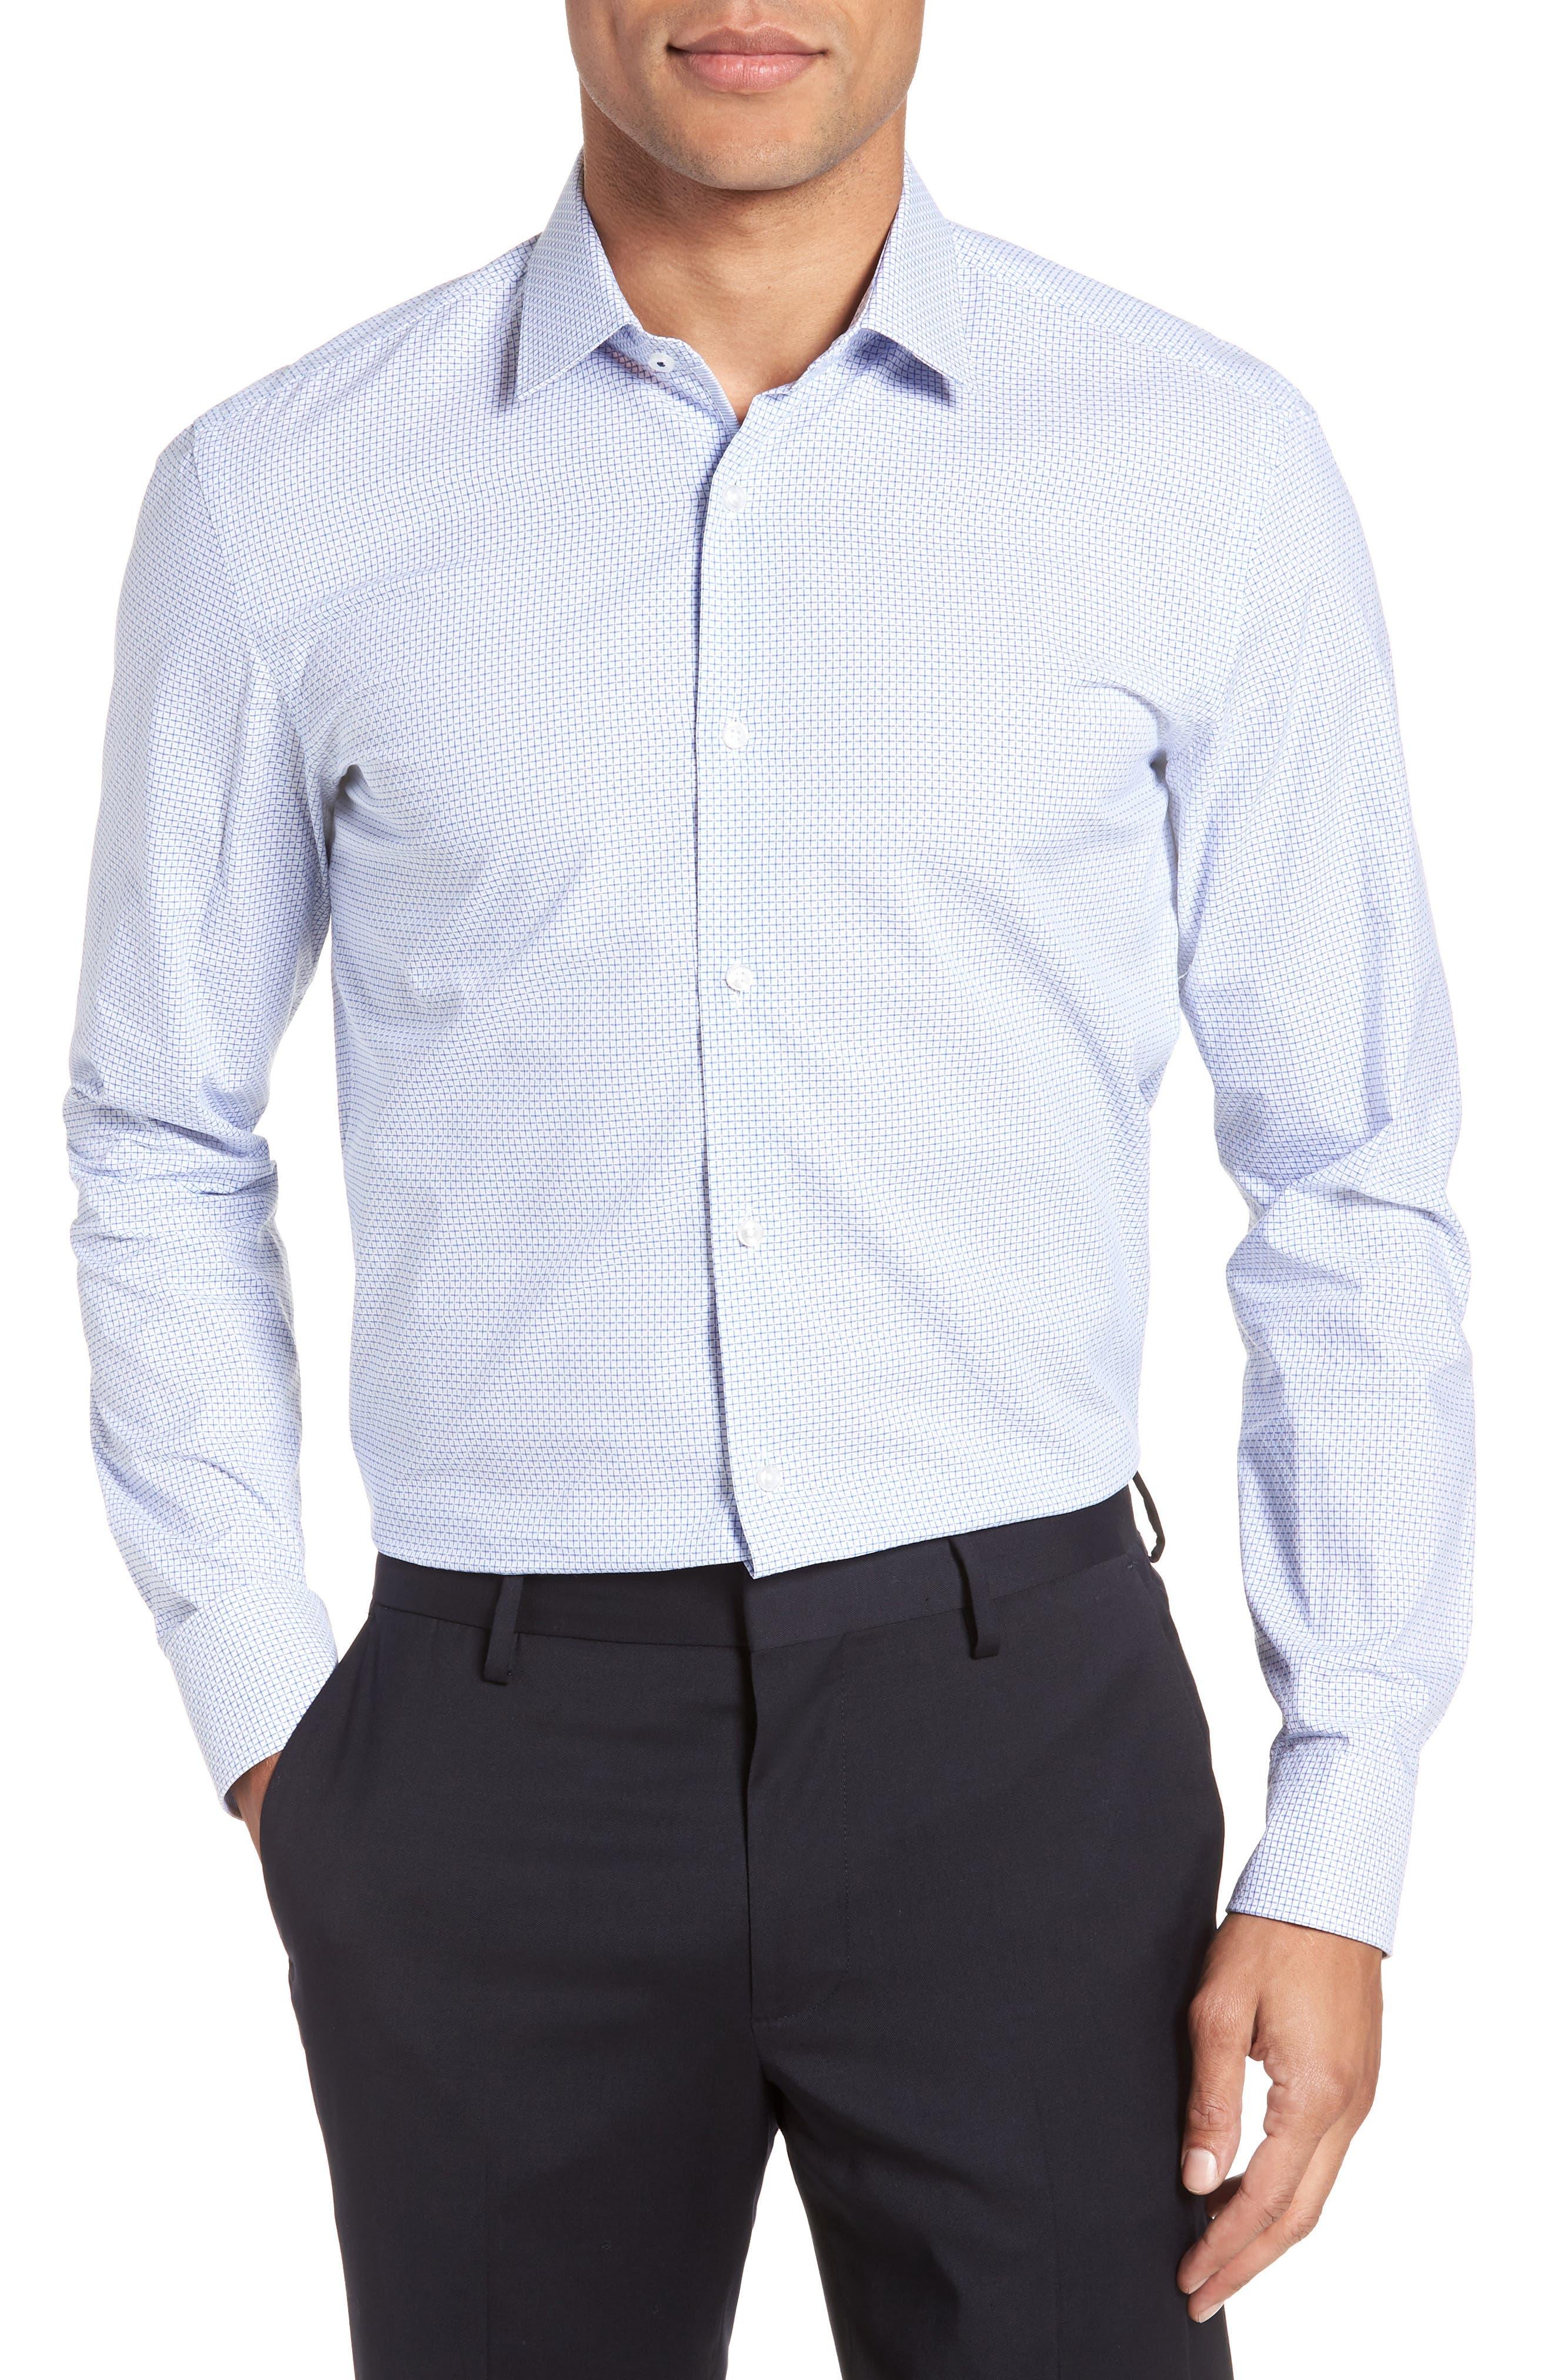 Jesse Slim Fit Check Dress Shirt,                         Main,                         color, Blue